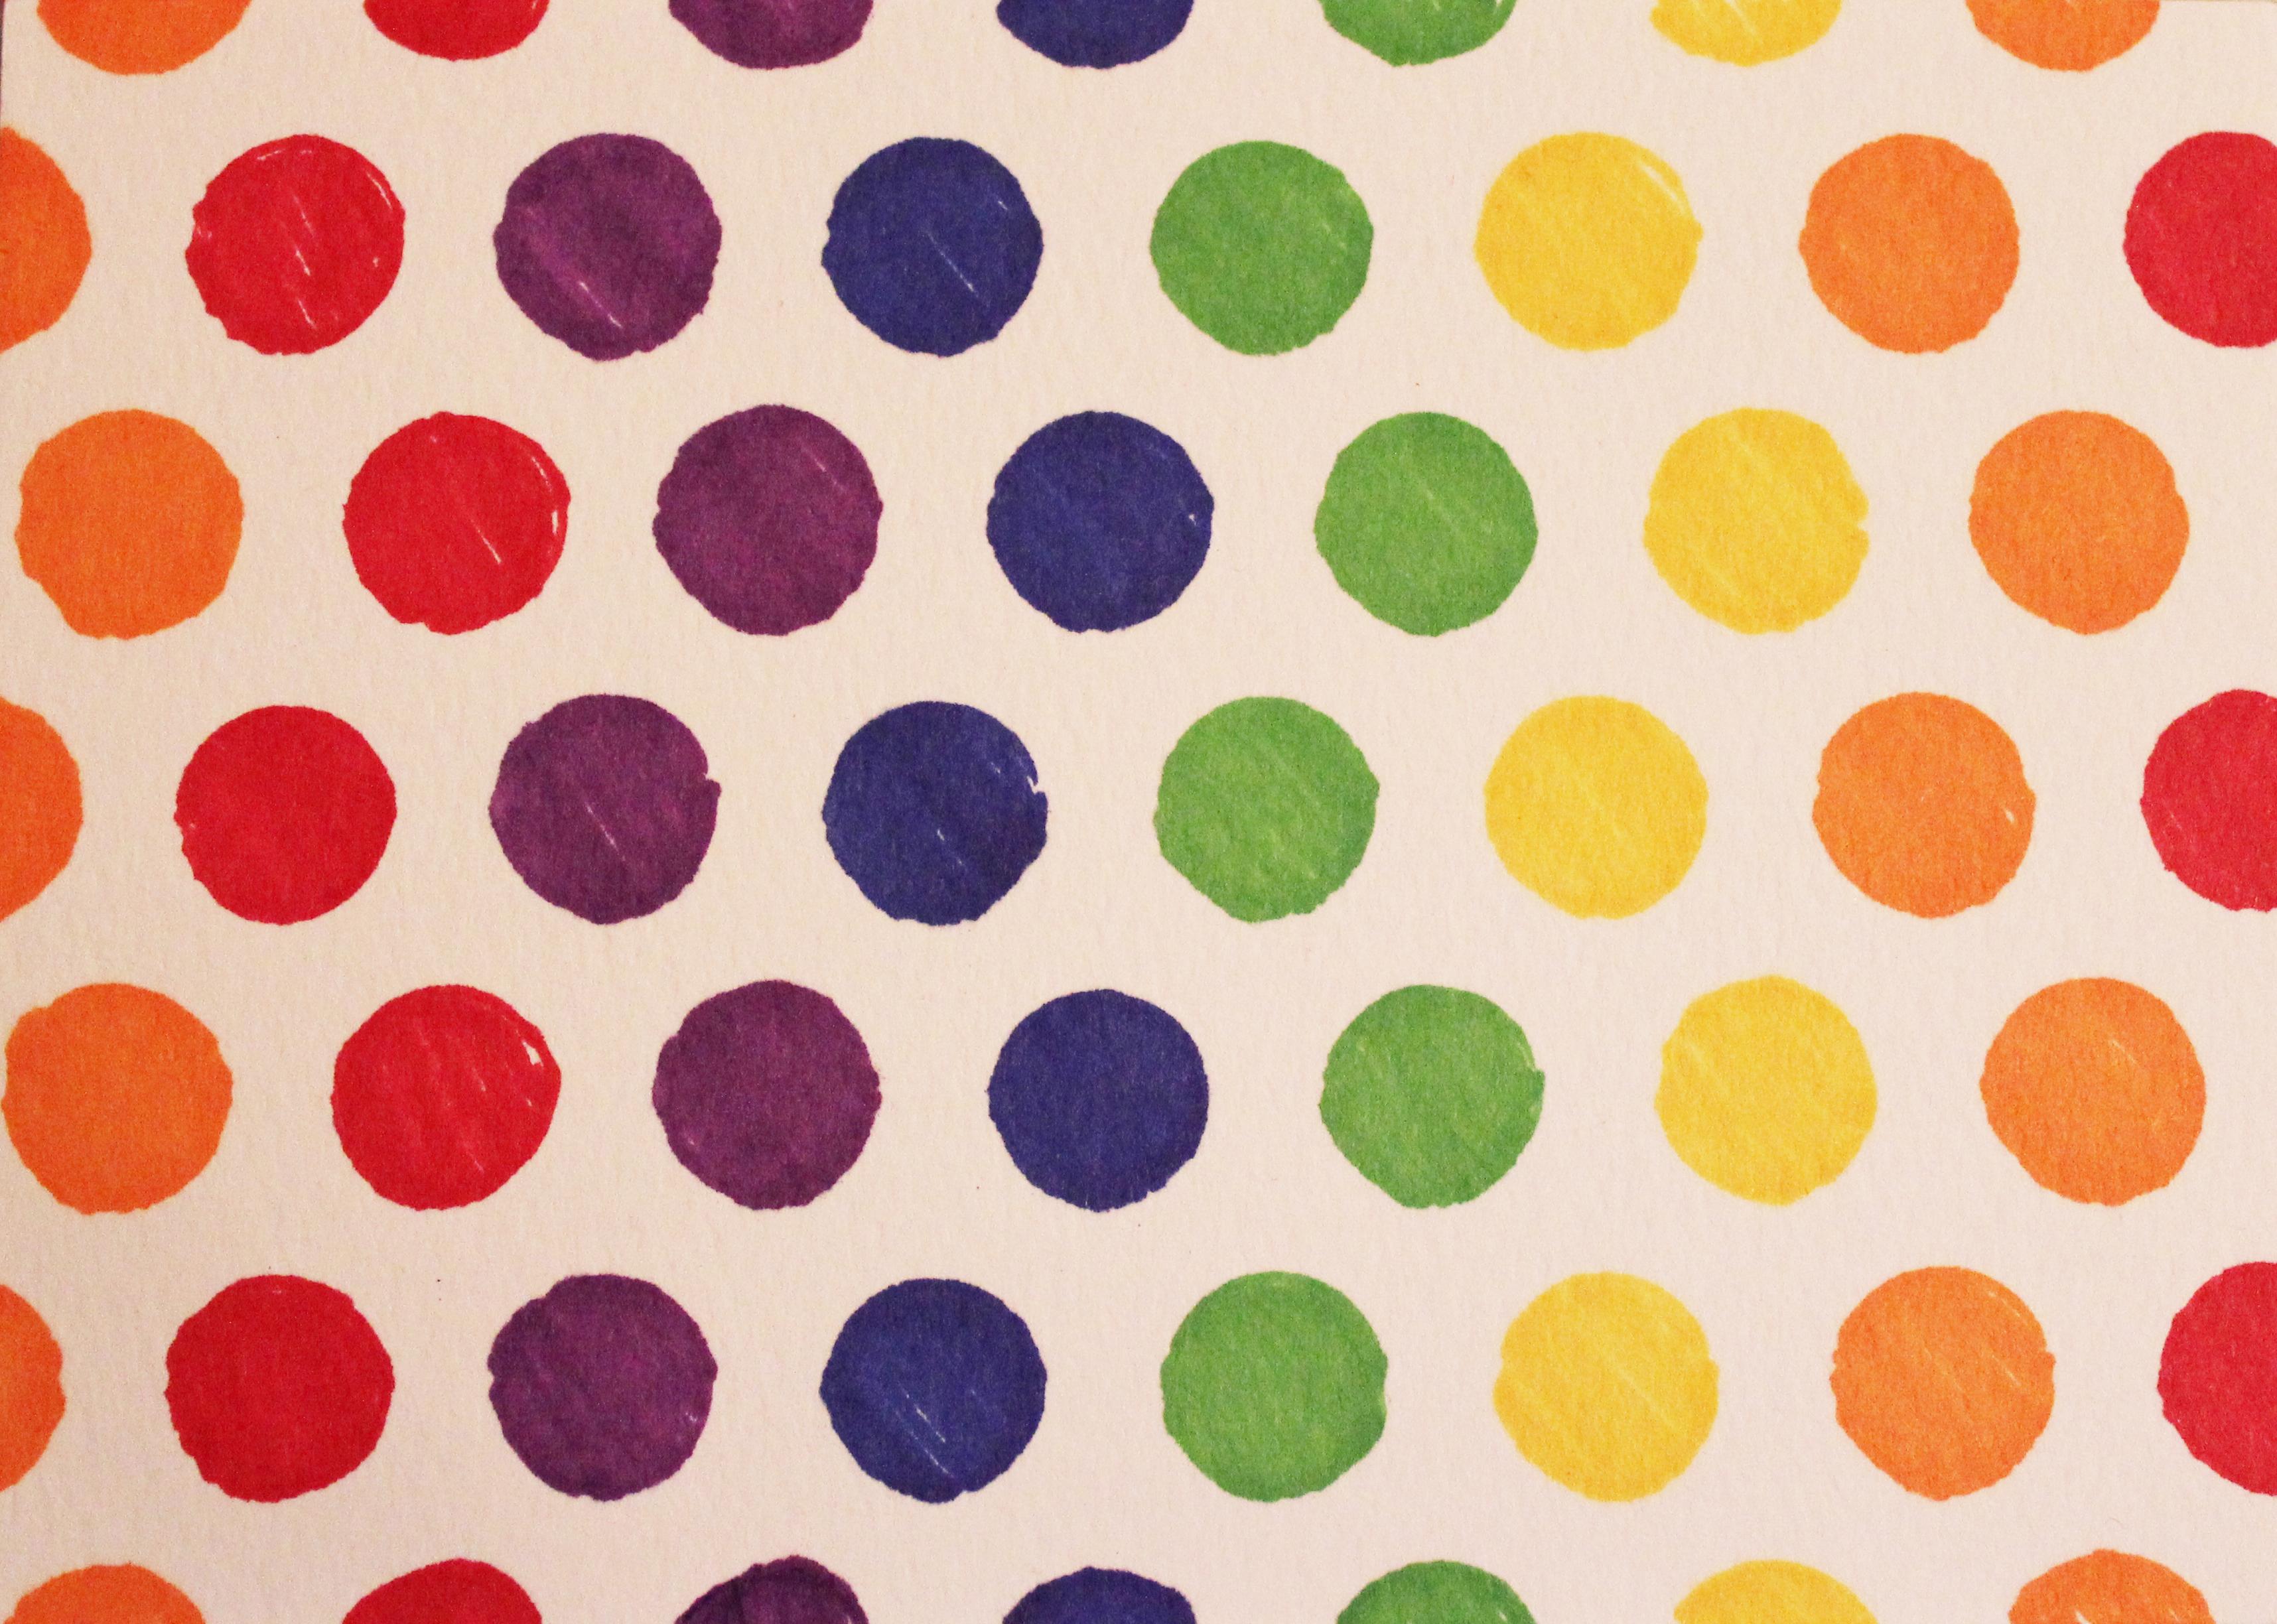 Rainbow Dots